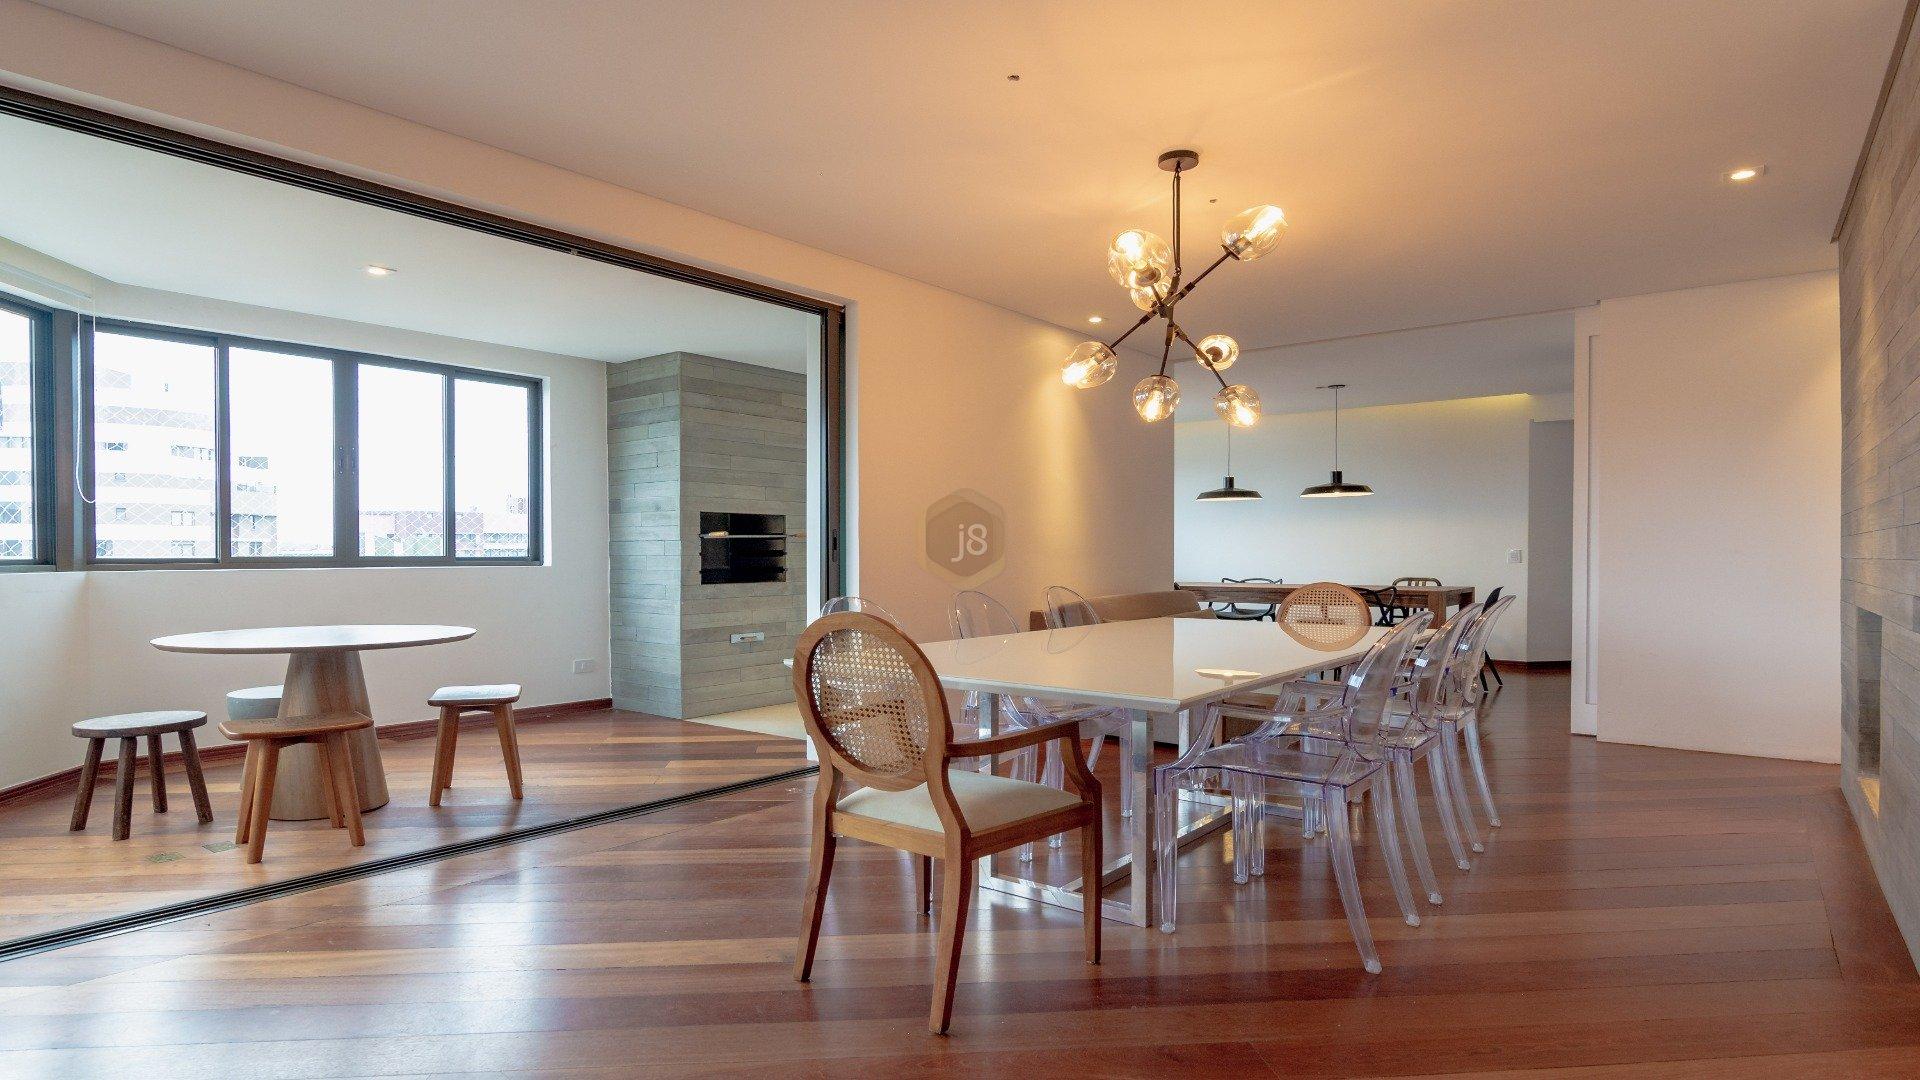 Foto de destaque Apartamento 4 suítes, 4 vagas, reformado c/ churrasqueira no seminário